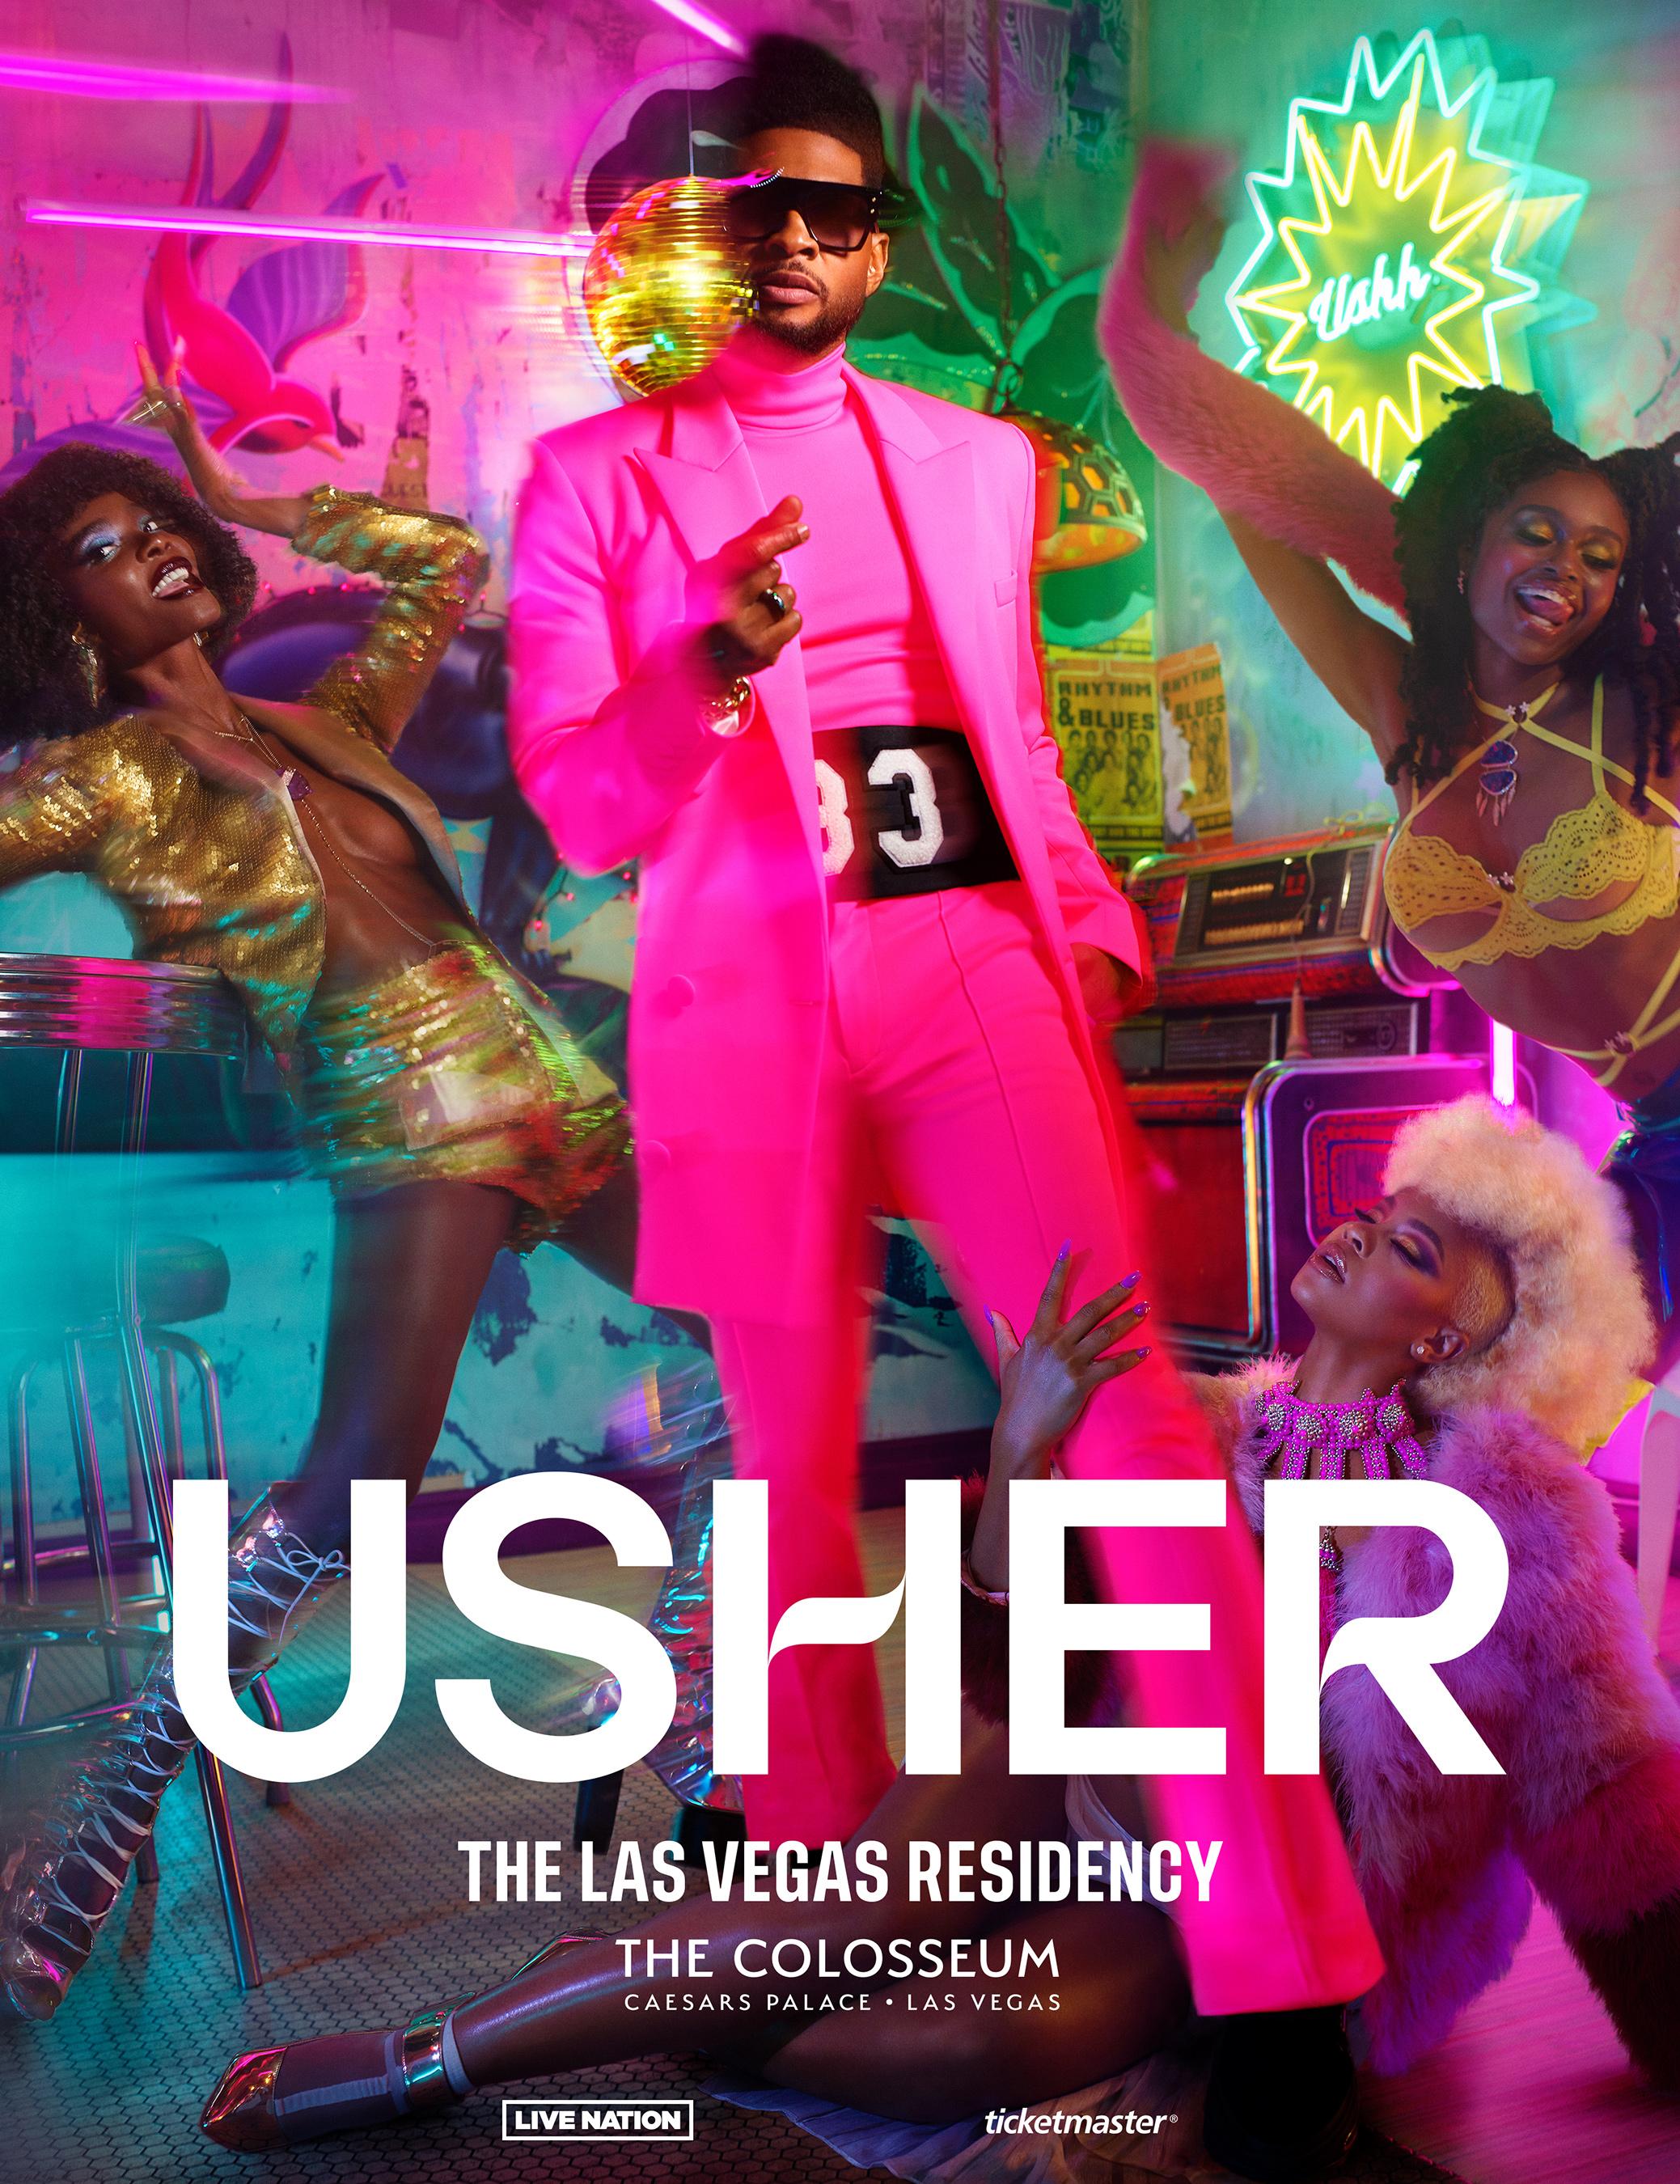 USHER - THE LAS VEGAS RESIDENCY